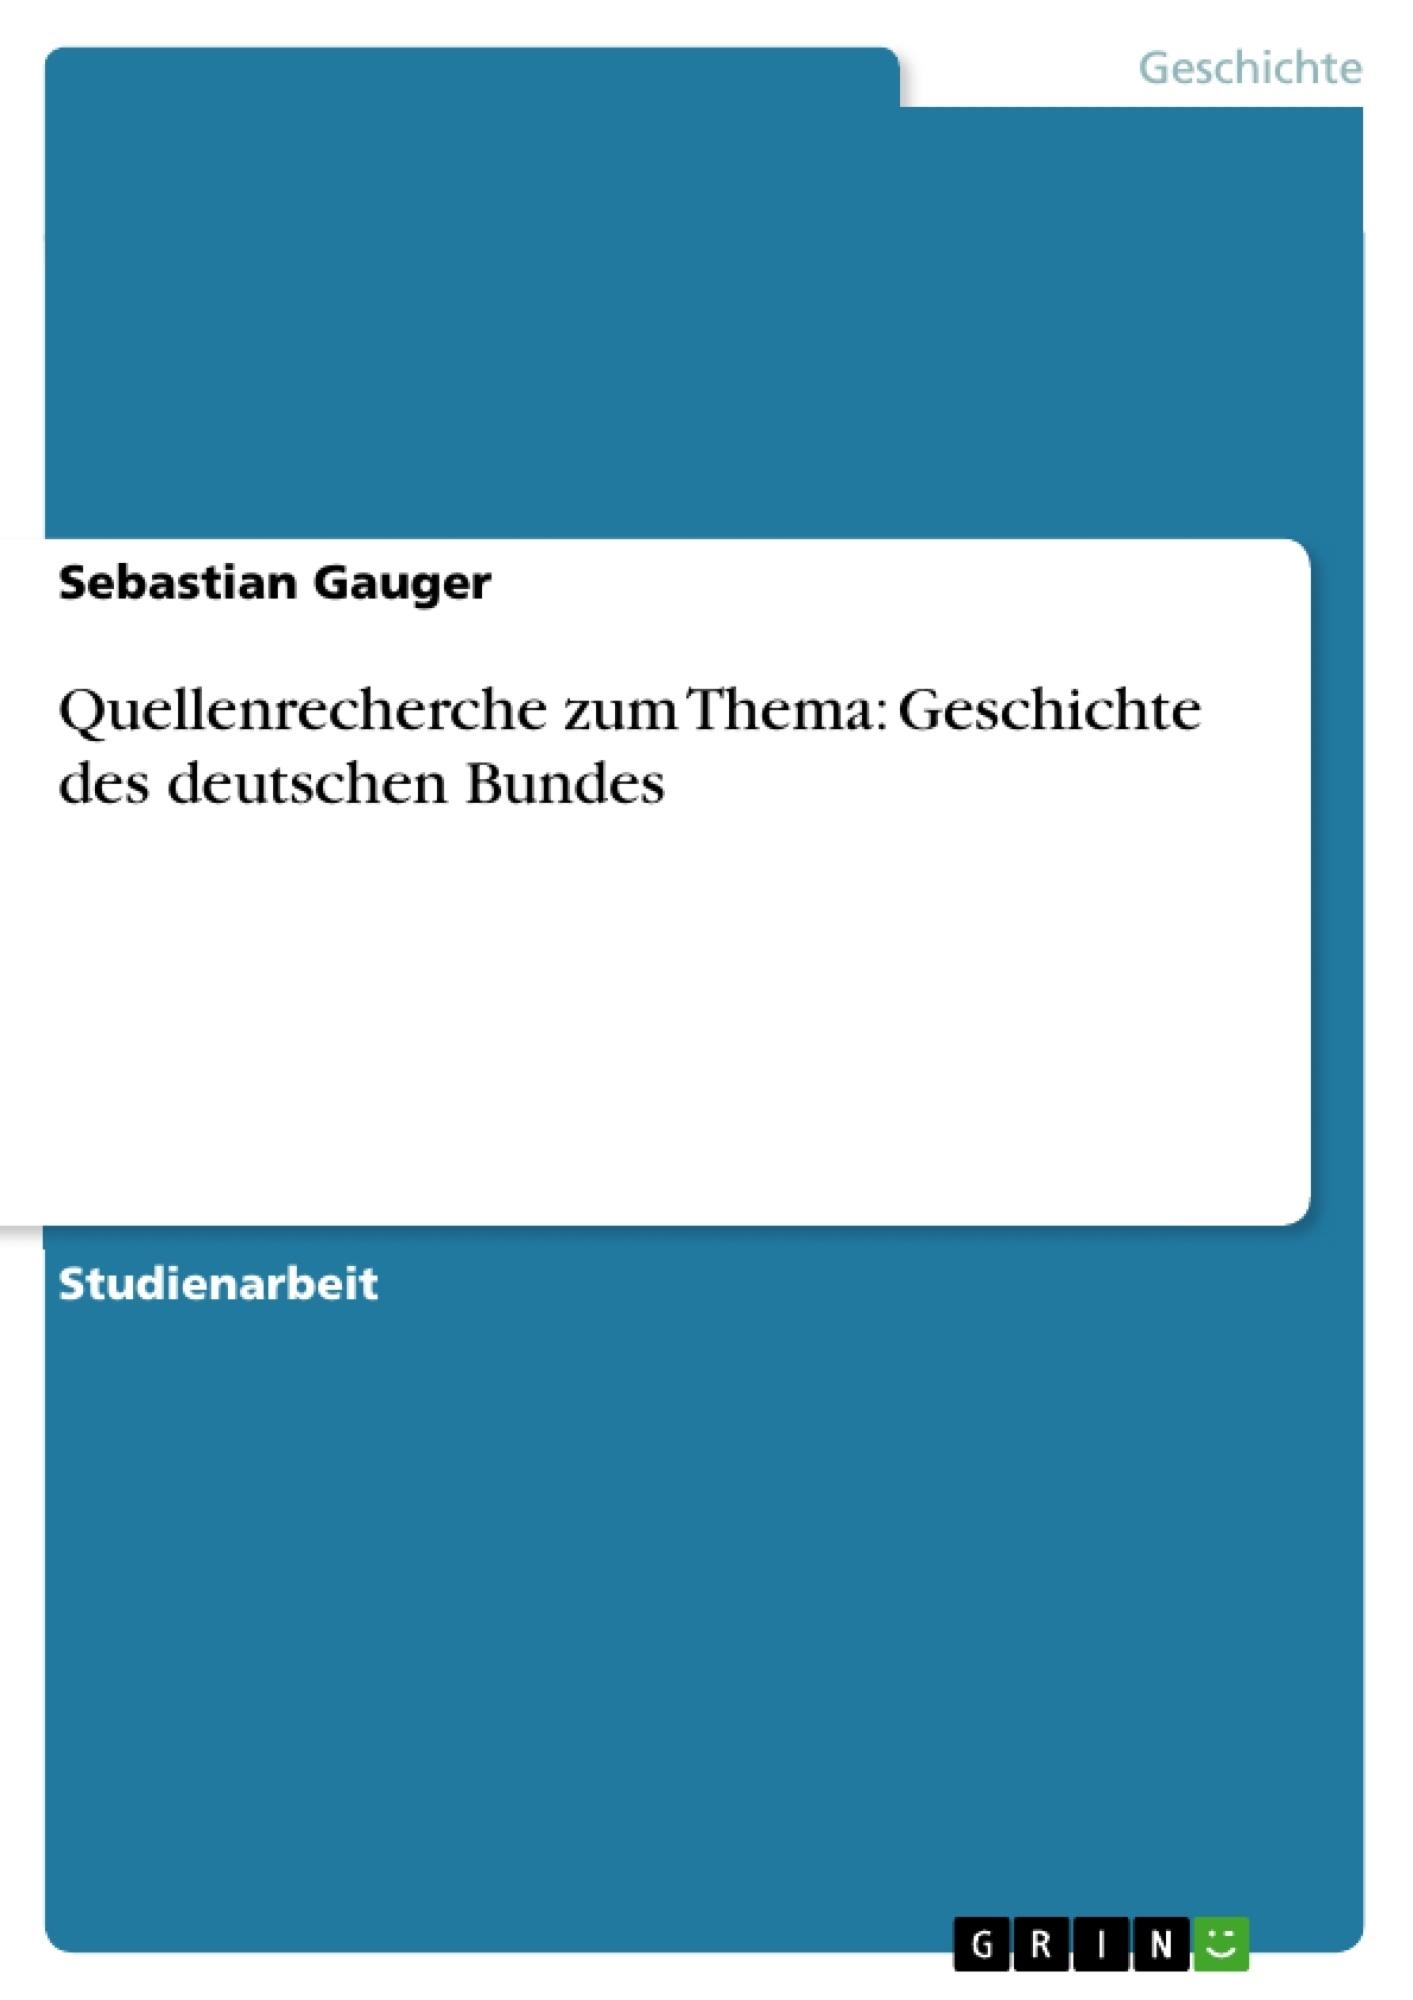 Titel: Quellenrecherche zum Thema: Geschichte des deutschen Bundes